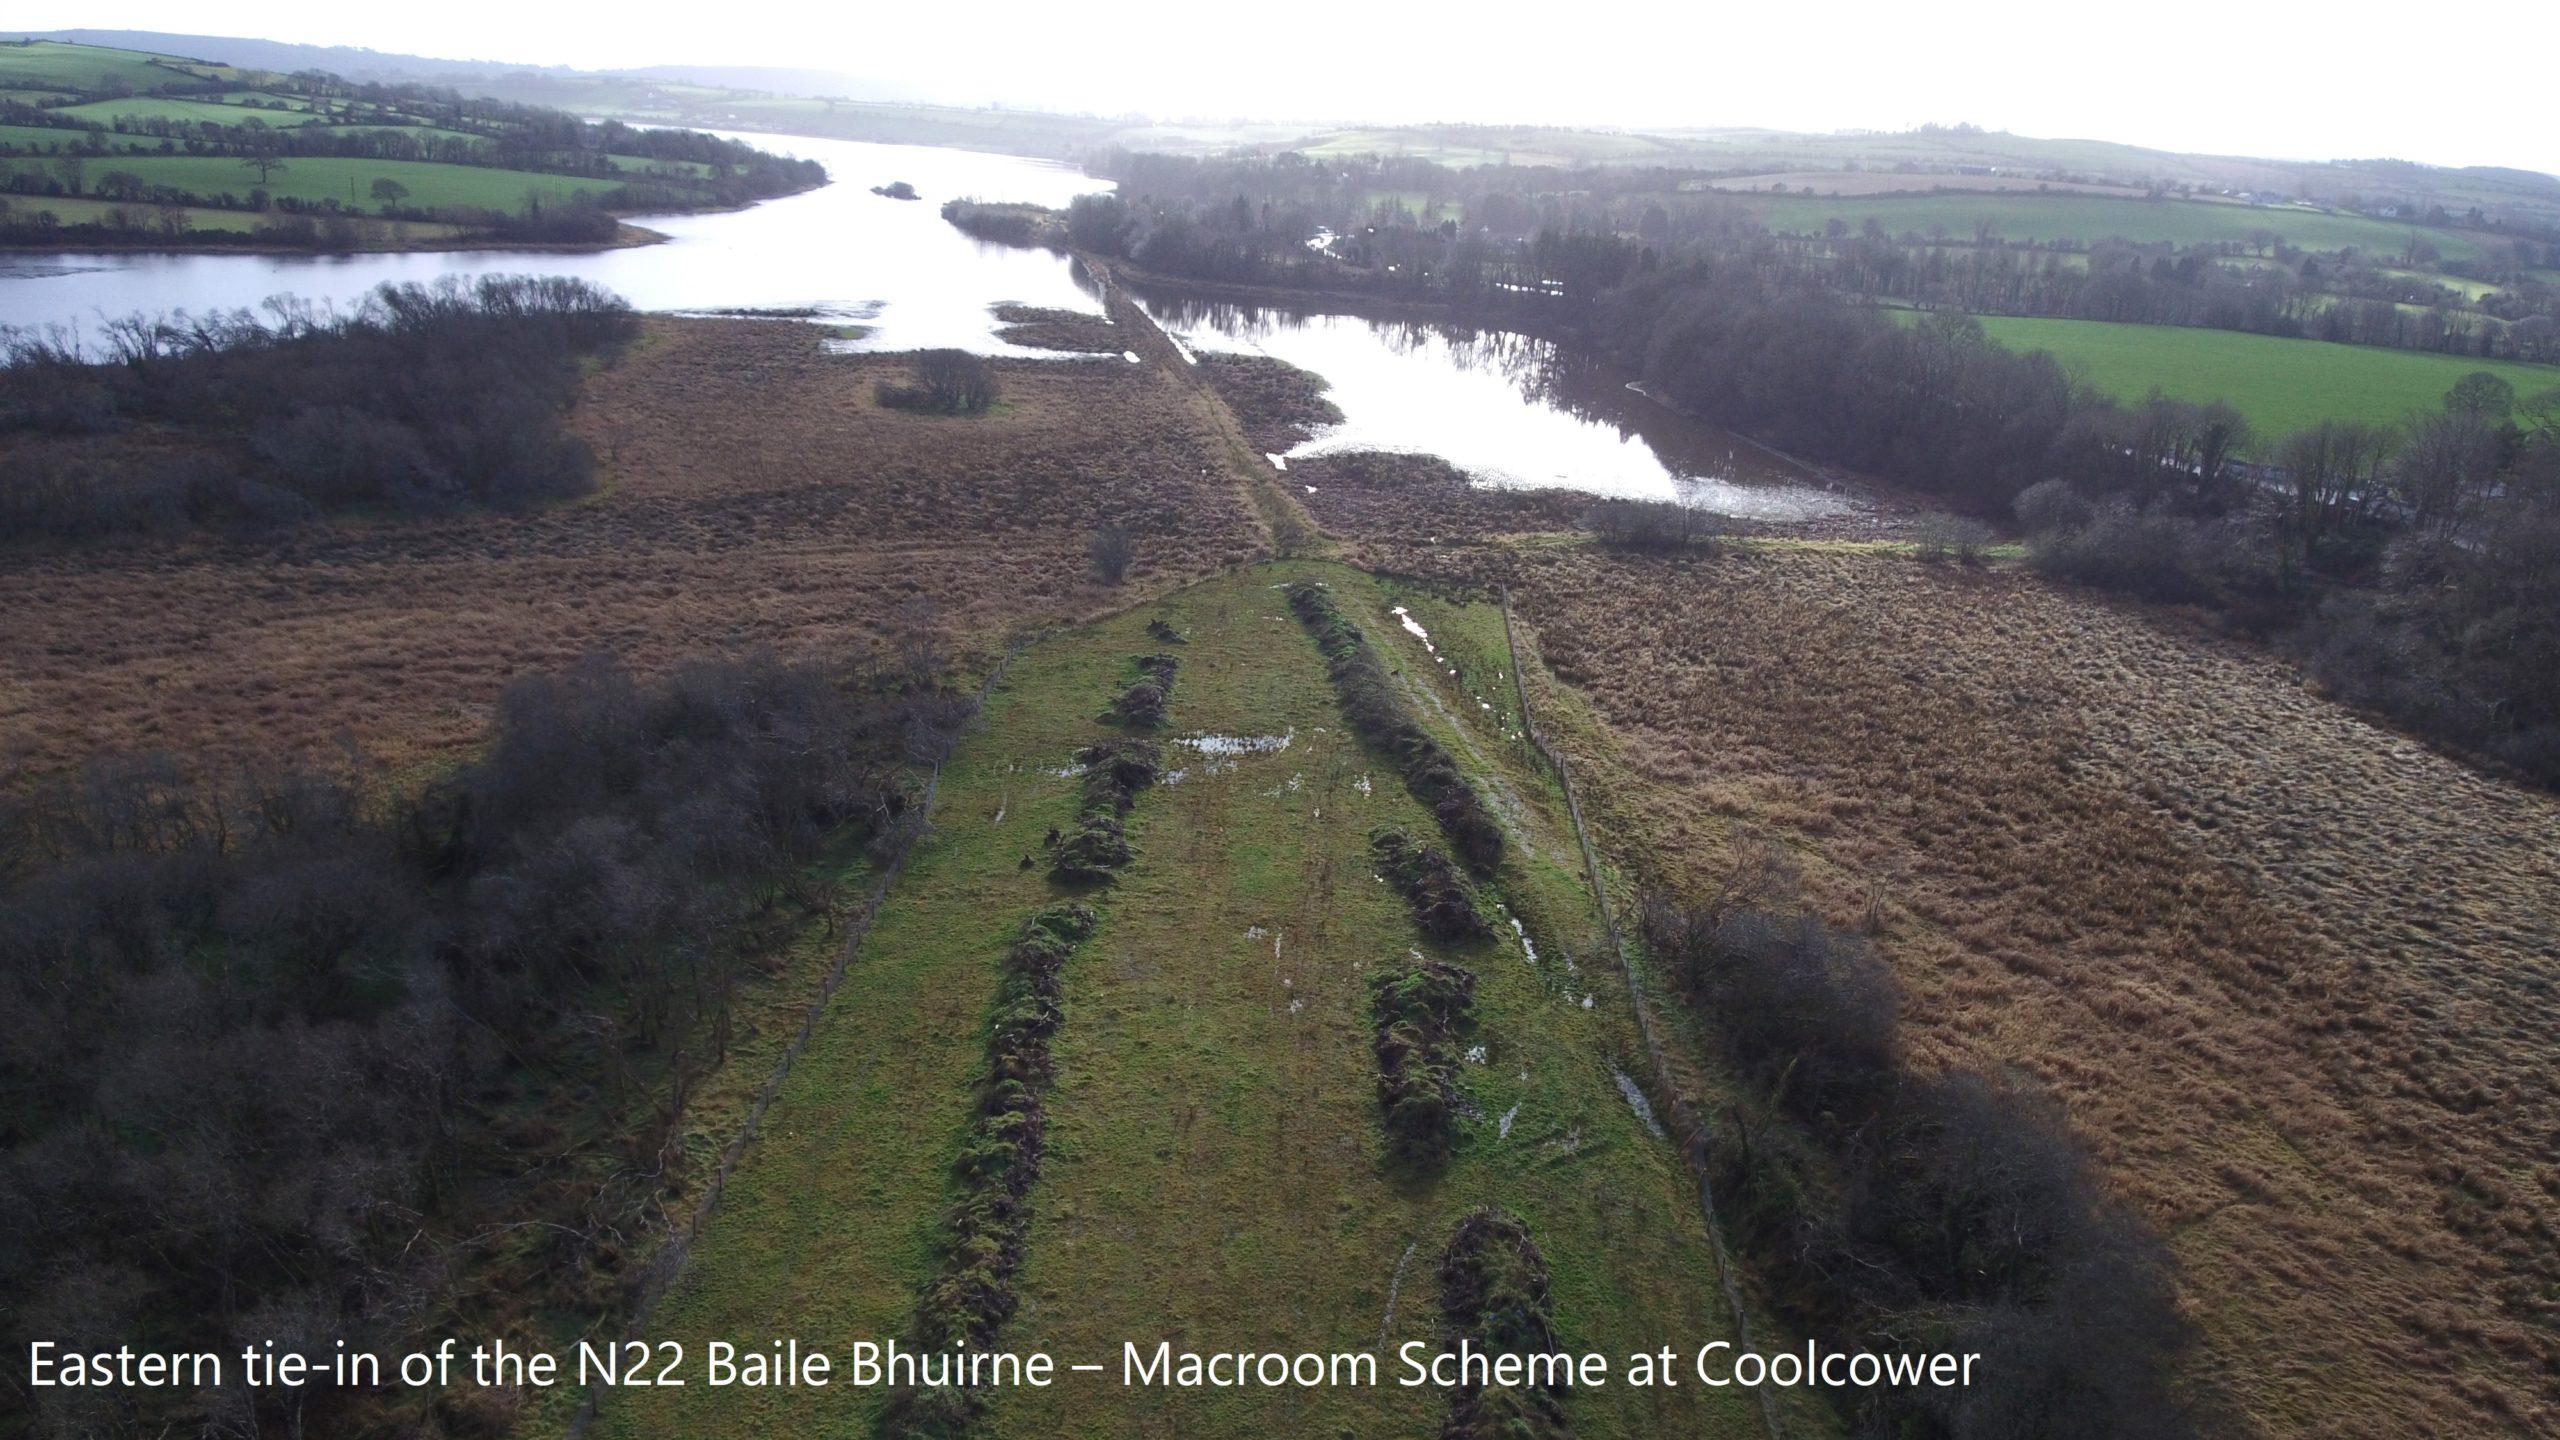 Eastern tie-in of the N22 Baile Bhuirne – Macroom Scheme at Coolcower